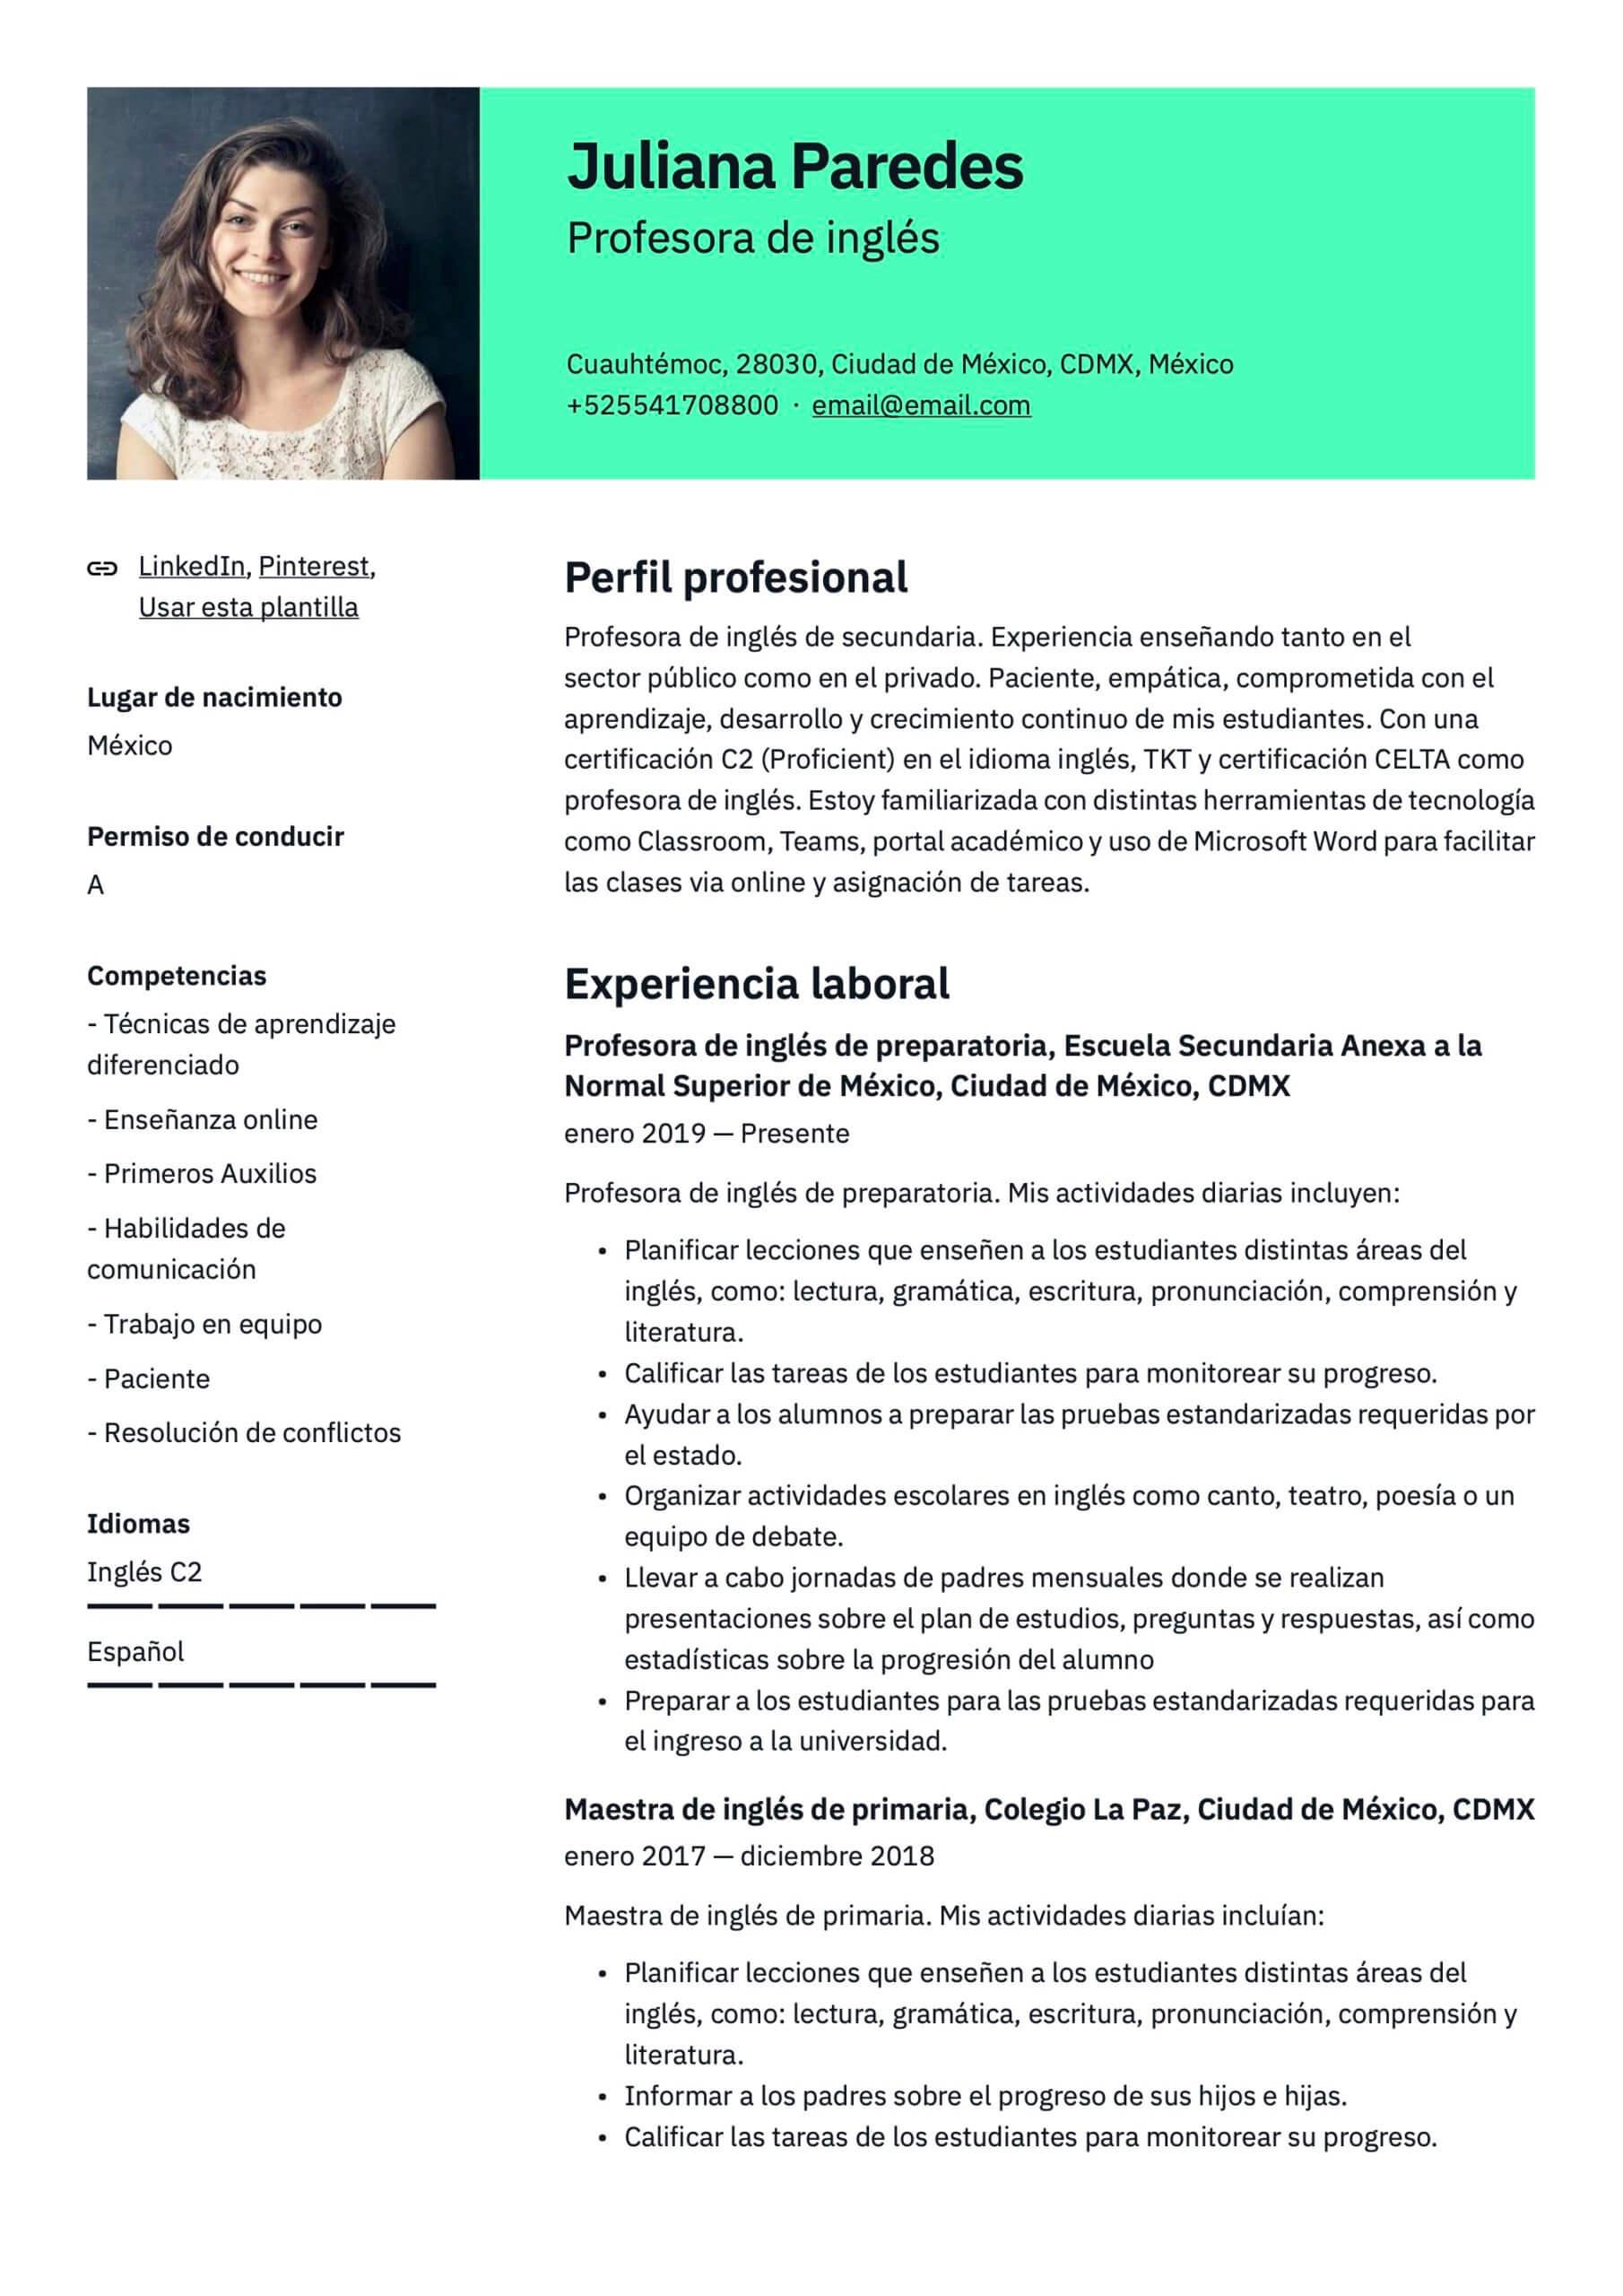 Plantilla de CV para Profesor de inglés